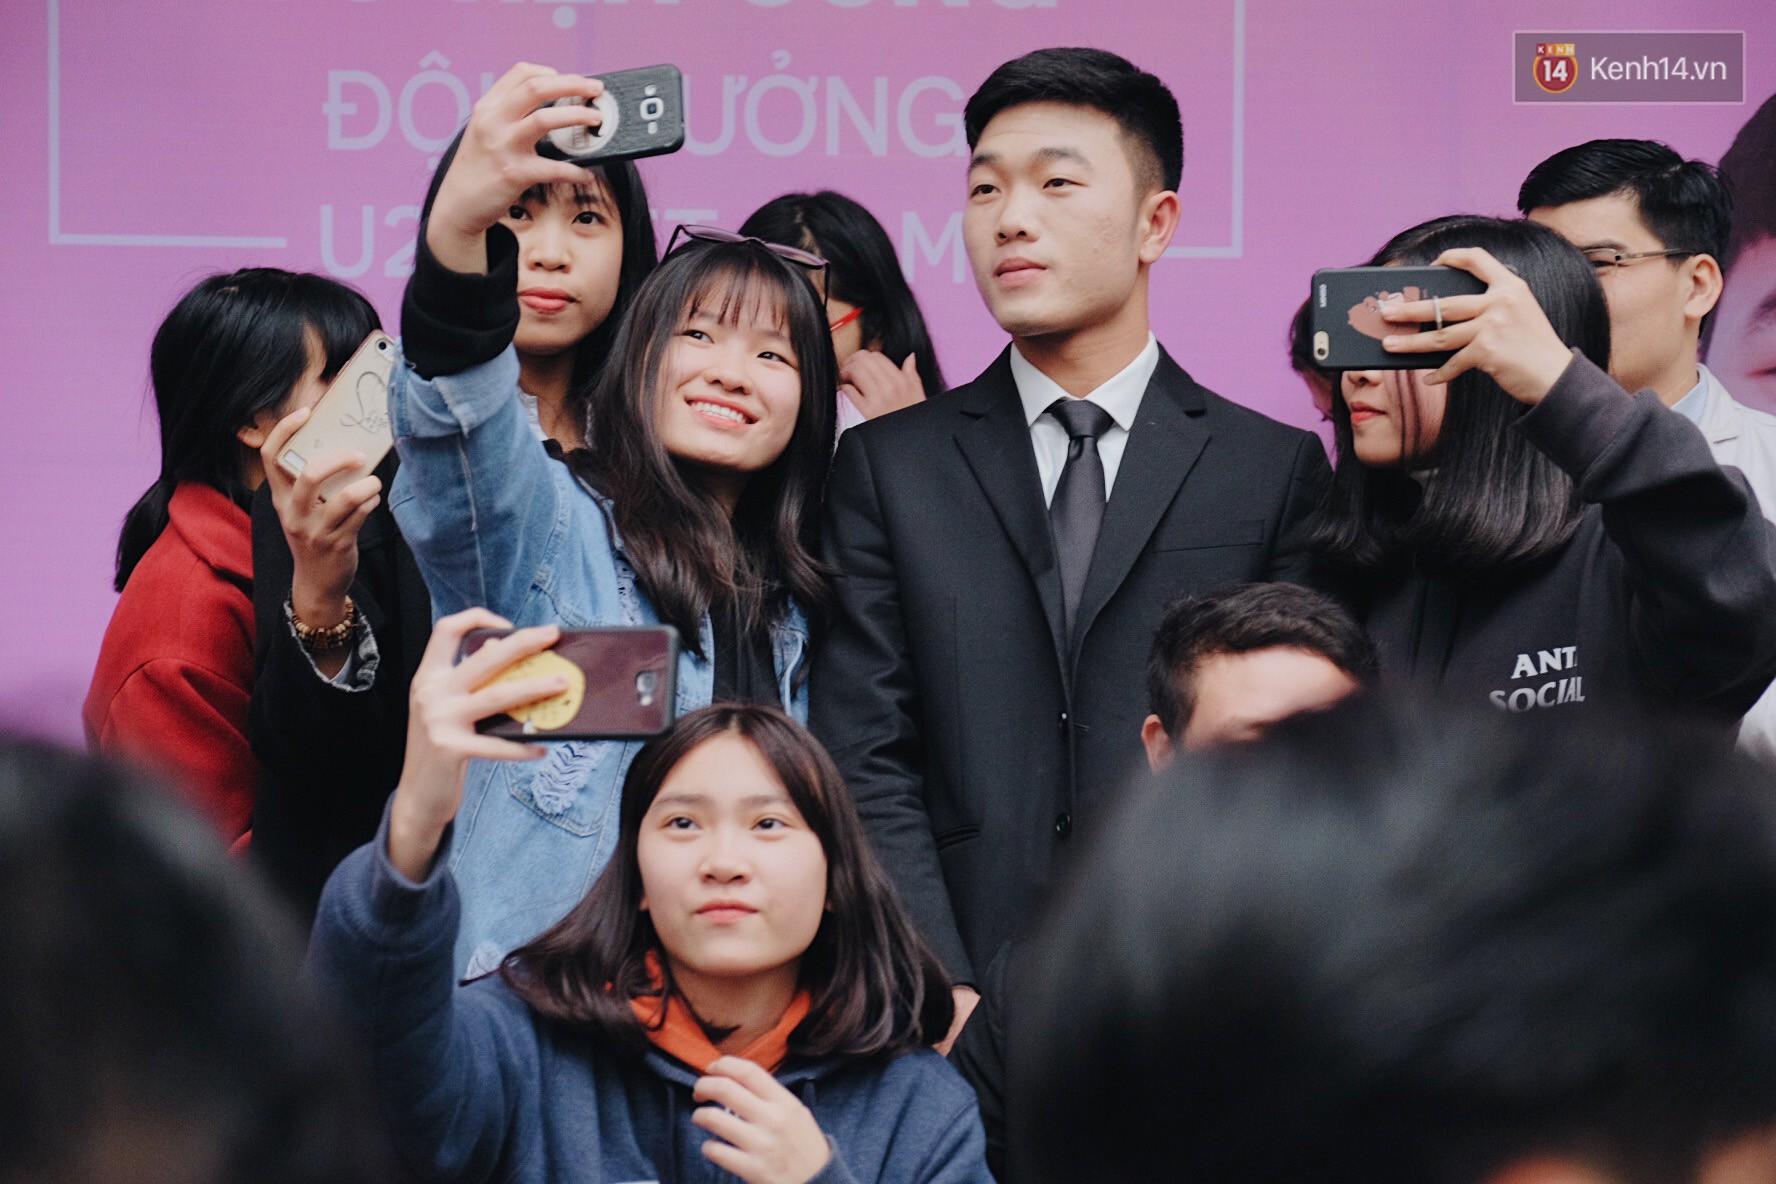 Xuân Trường đẹp trai như idol Hàn, bị fan vây kín khi tham gia sự kiện - Ảnh 2.